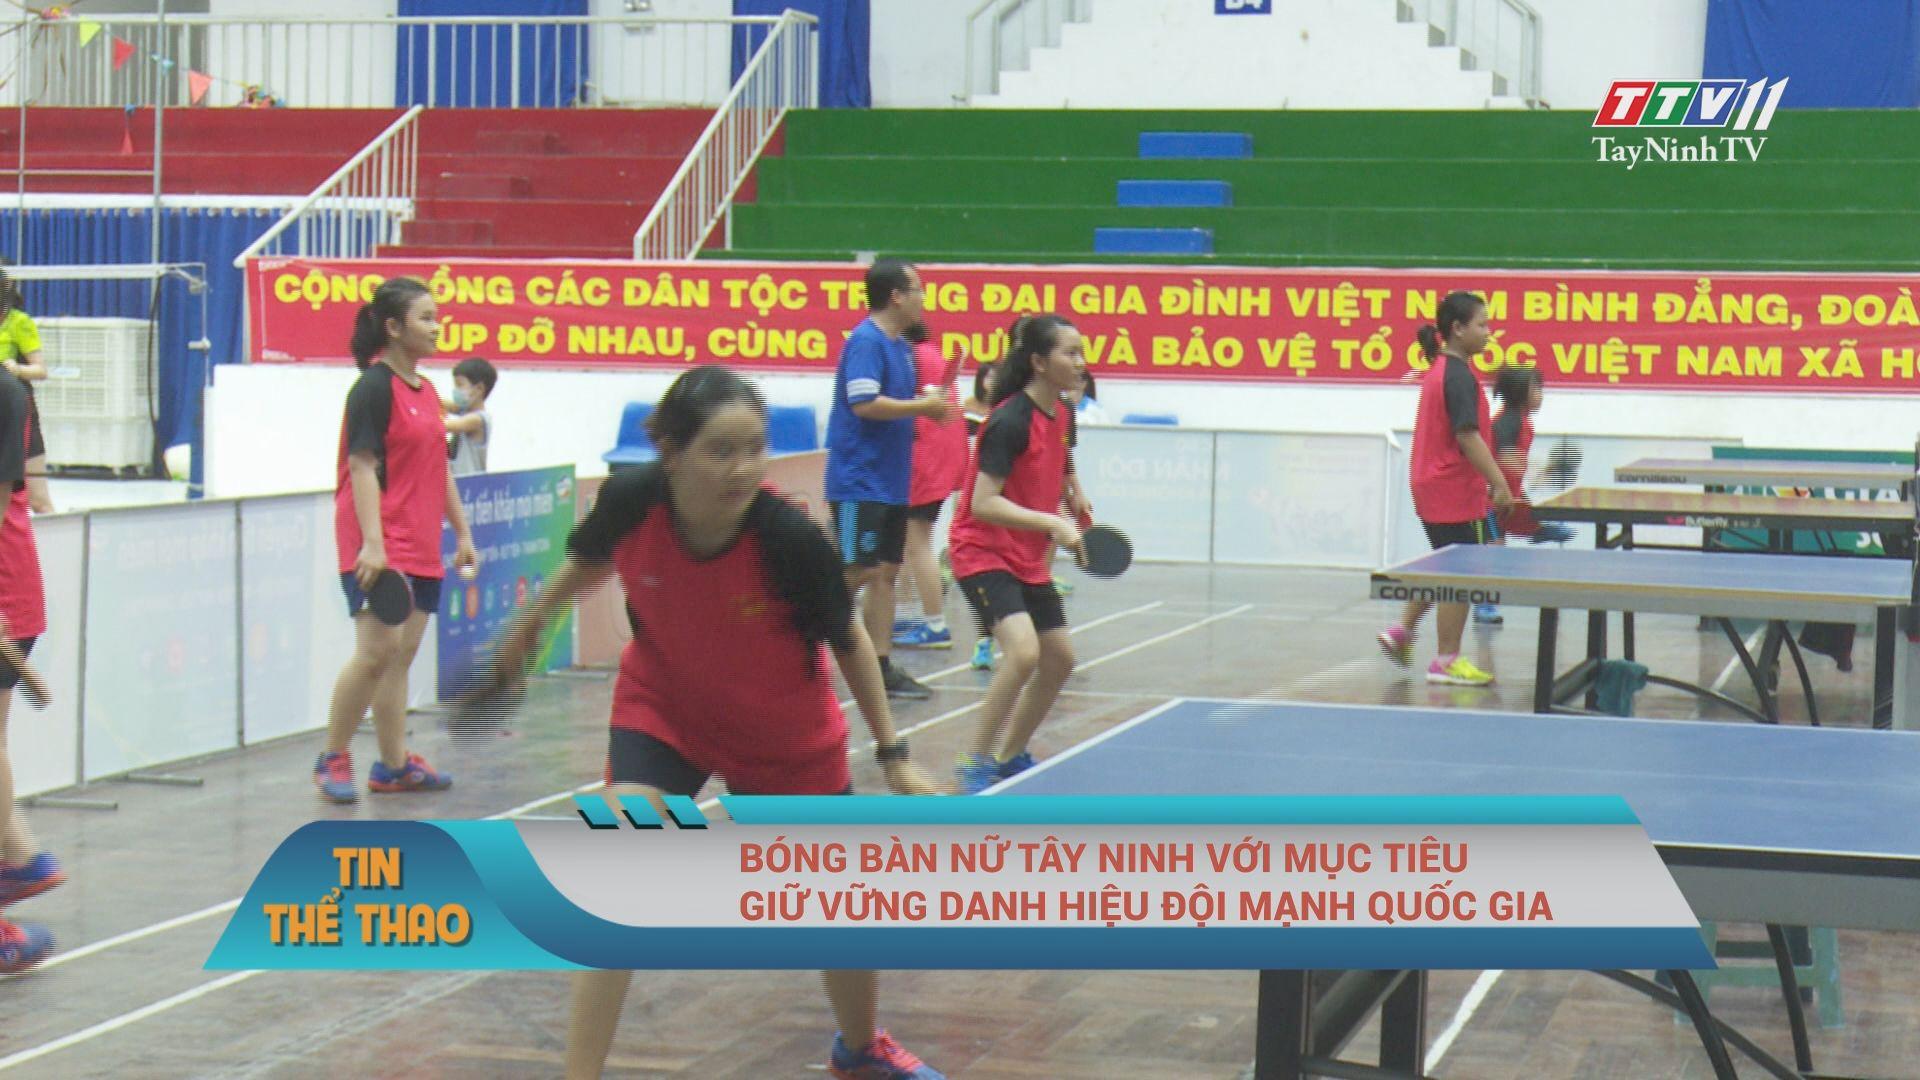 Bóng bàn nữ Tây Ninh với mục tiêu giữ vững danh hiệu đội mạnh quốc gia | TayNinhTV